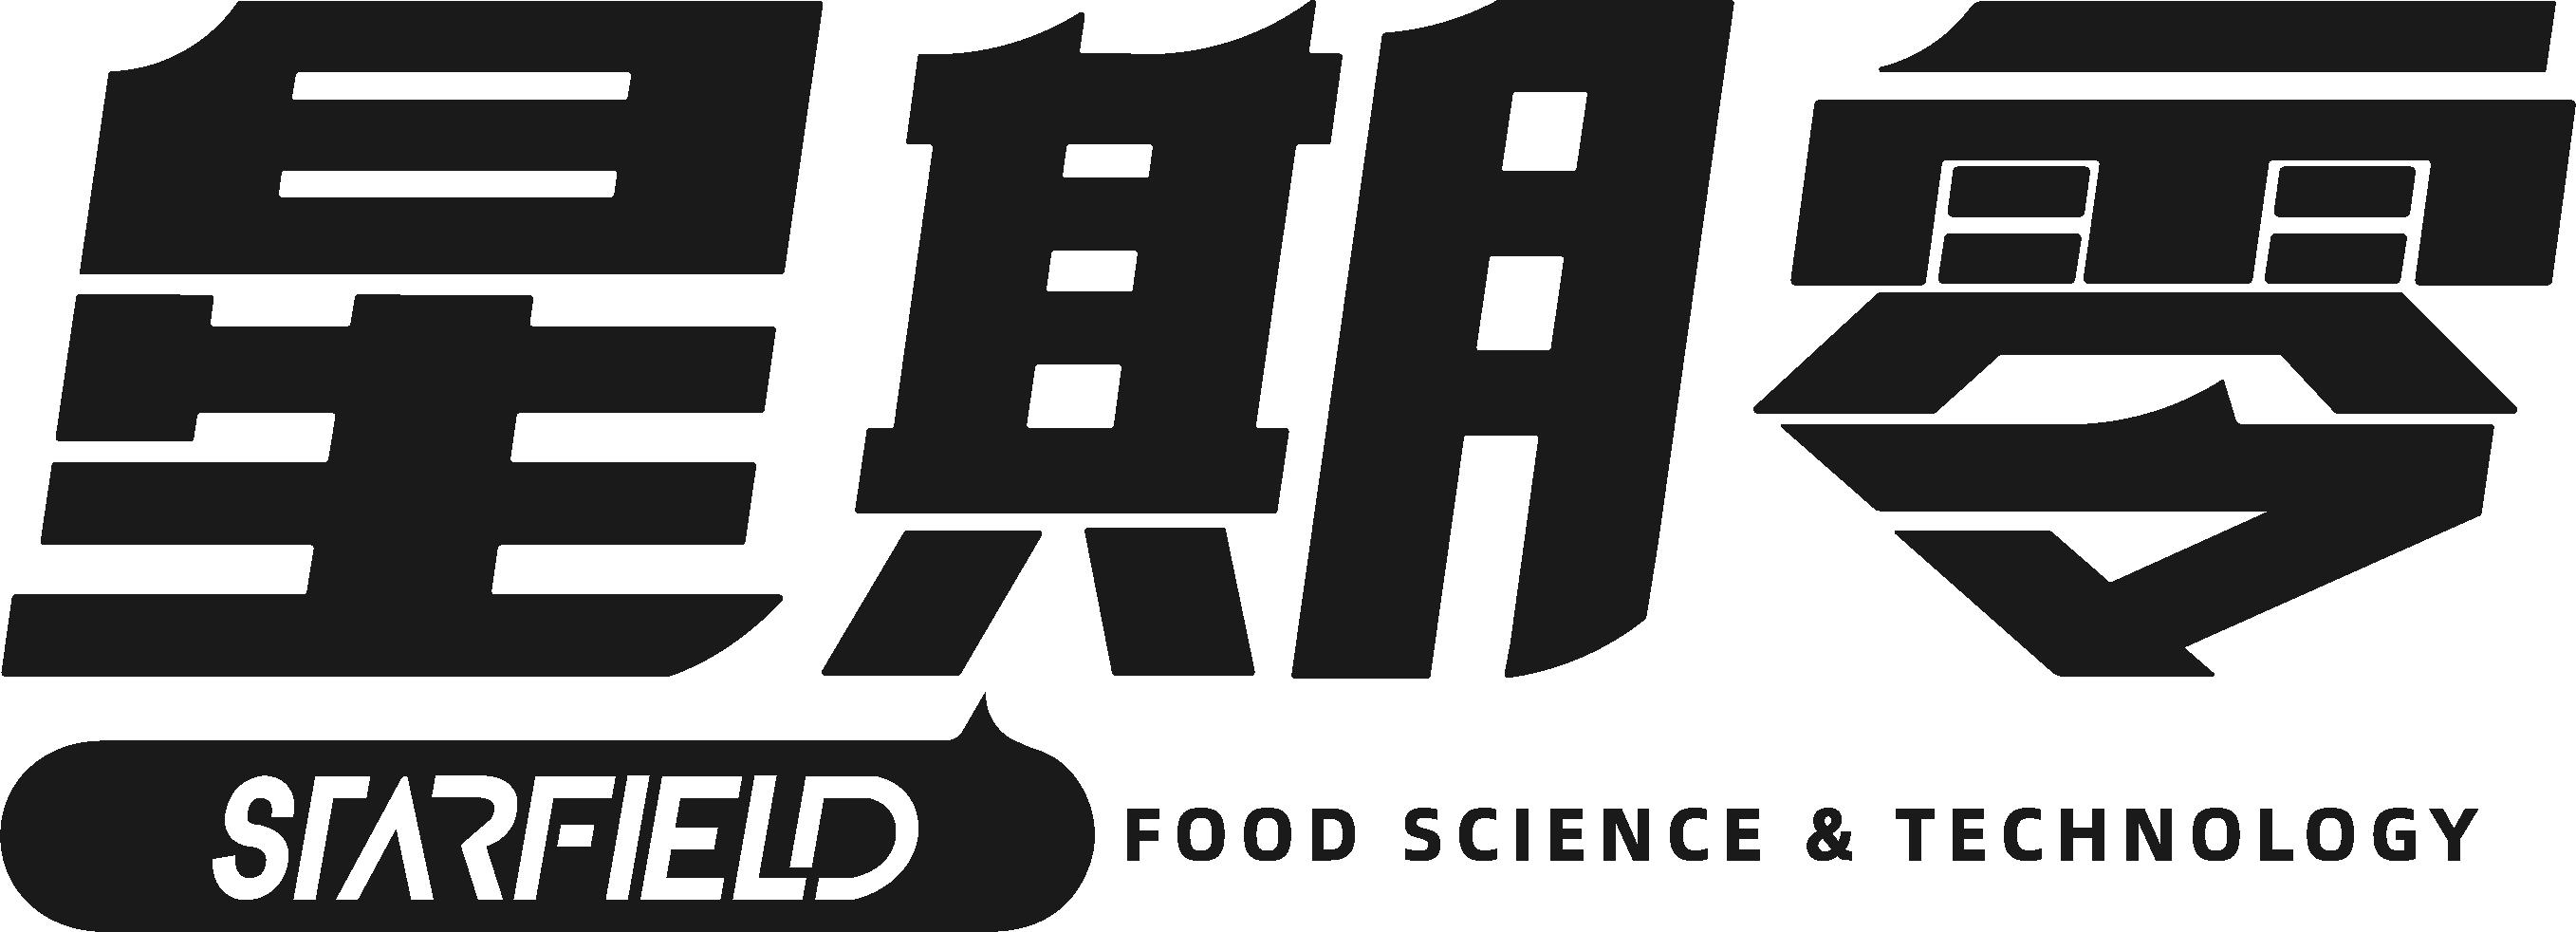 星期零_logo